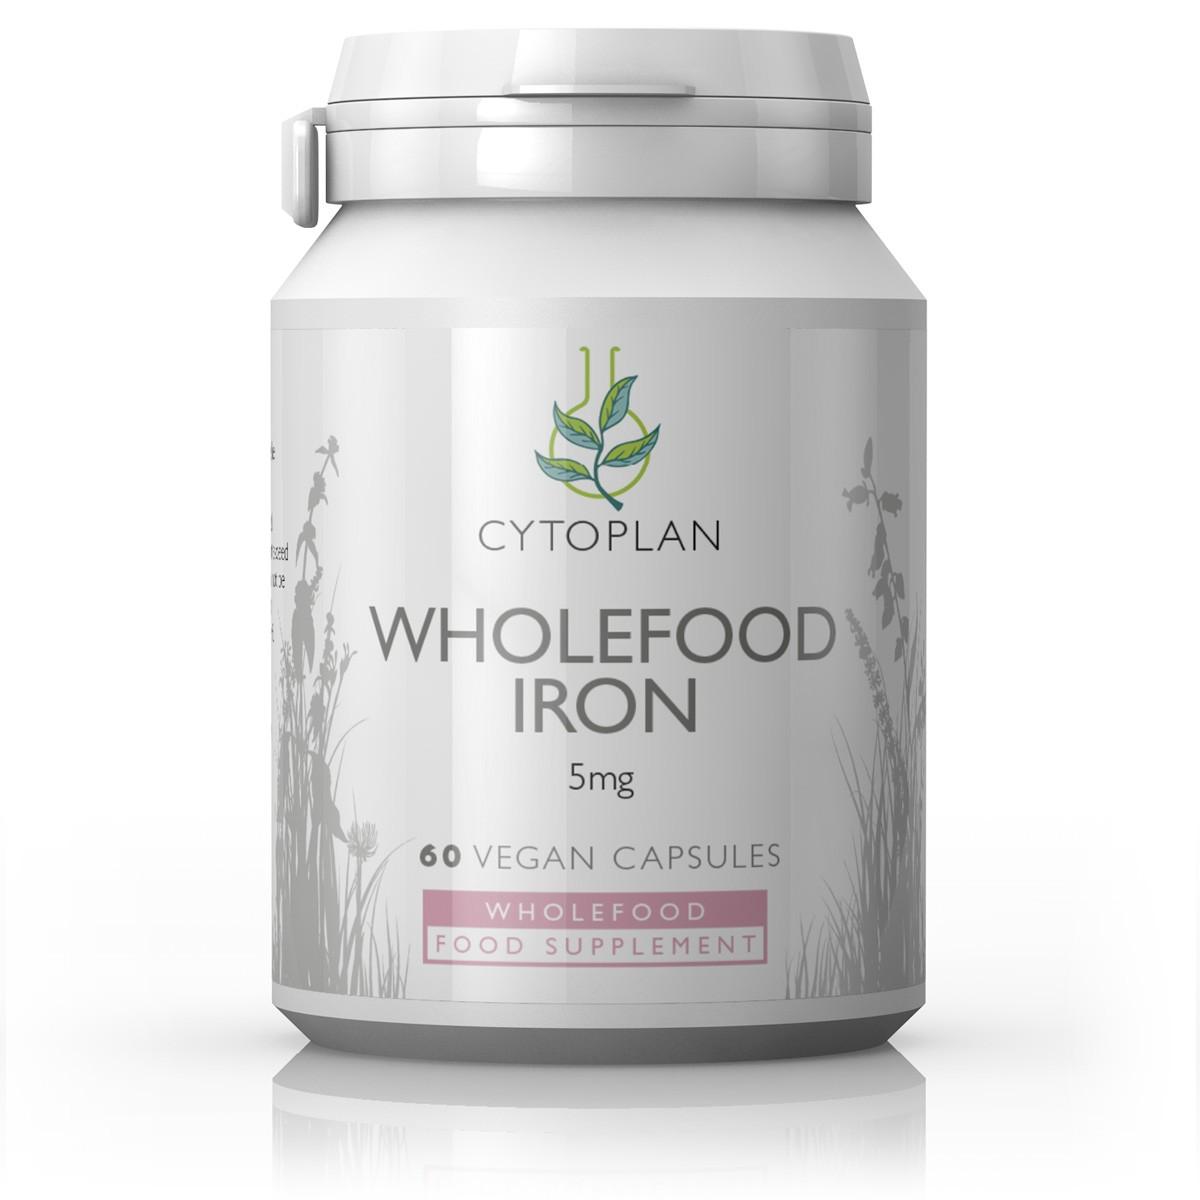 Cytoplan Wholefood Iron, raud taimsest allikast, 60 tabletti